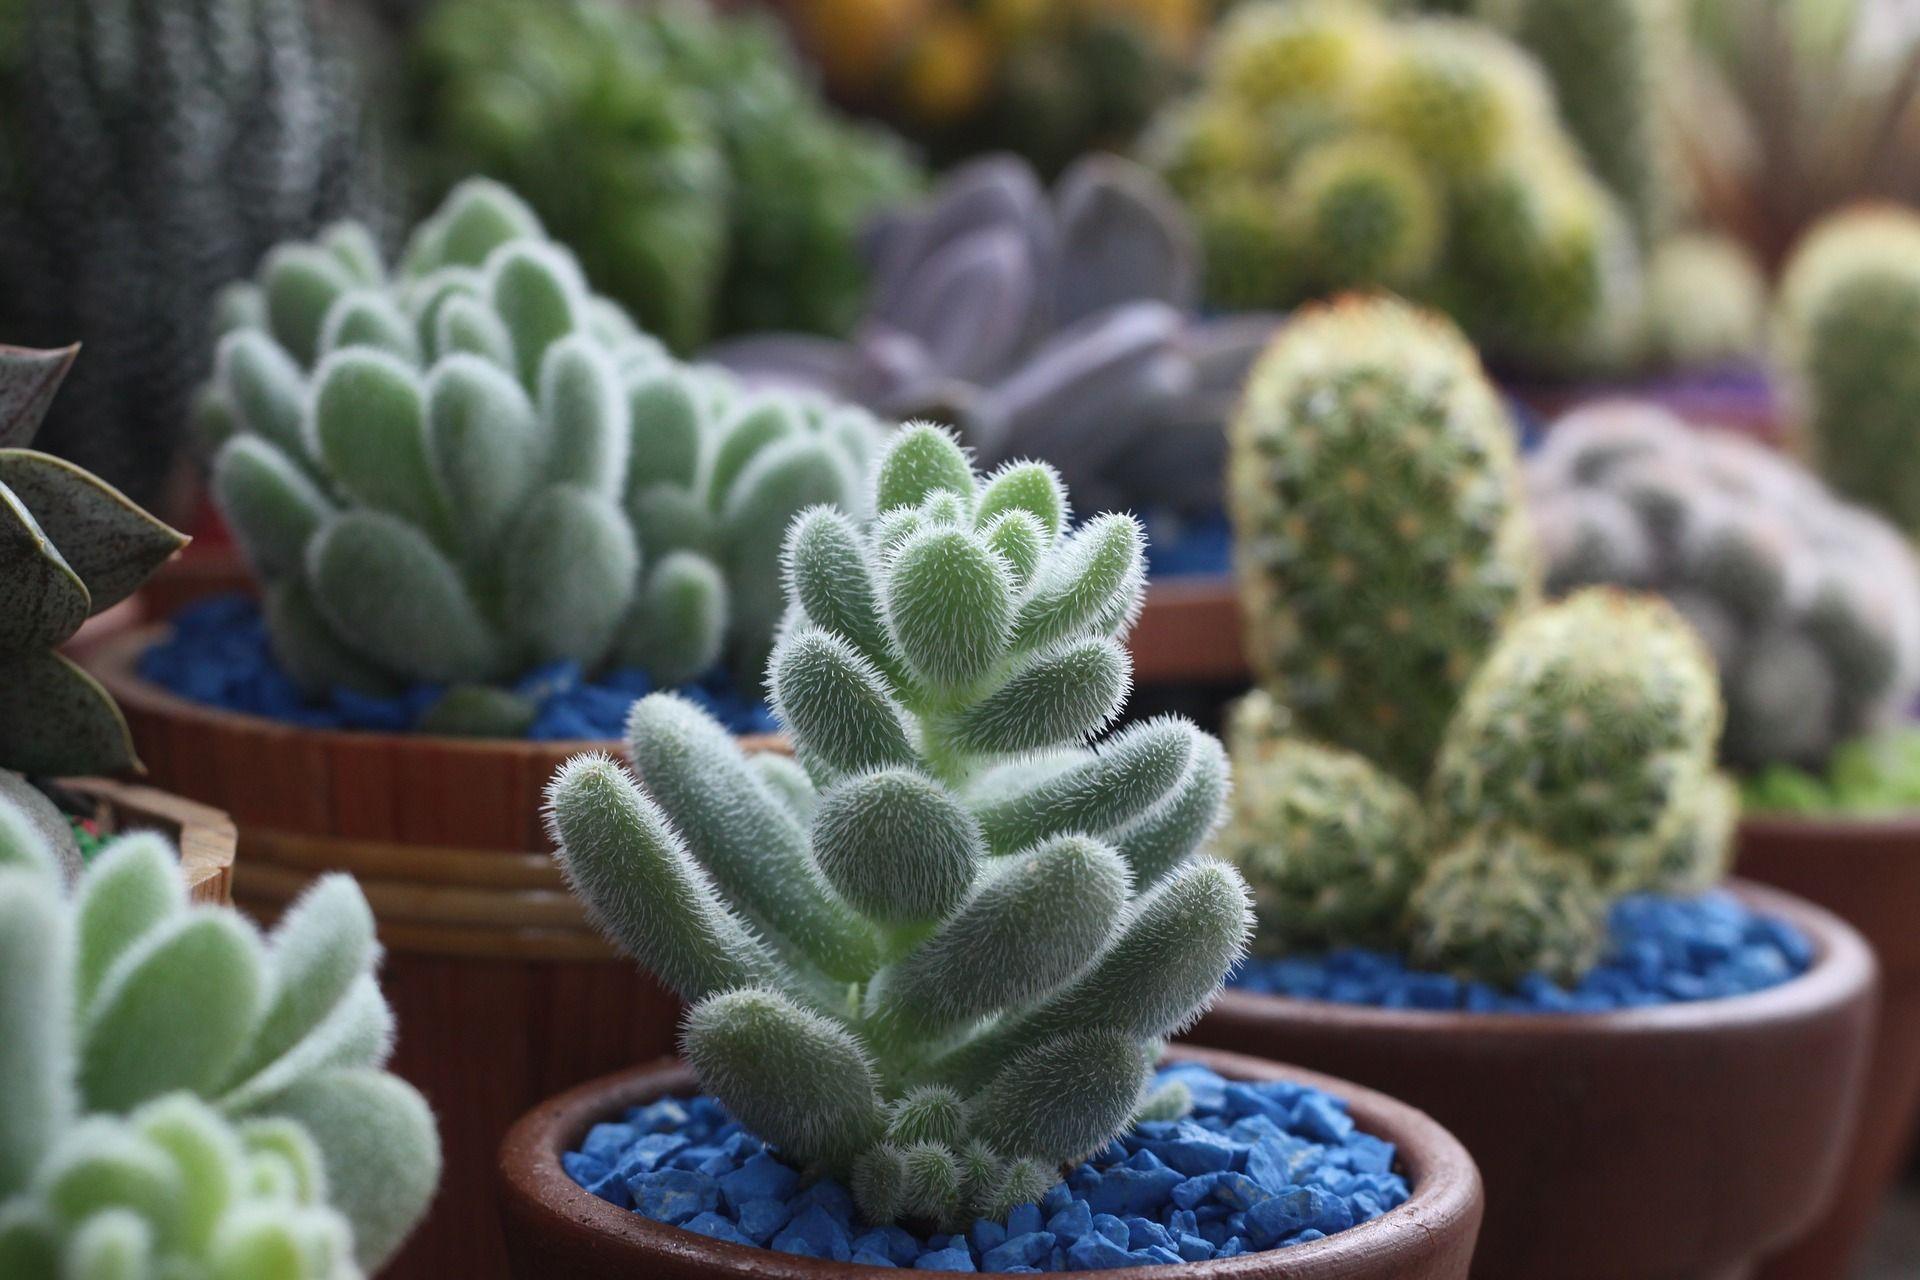 Ver fotos de plantas suculentas 12